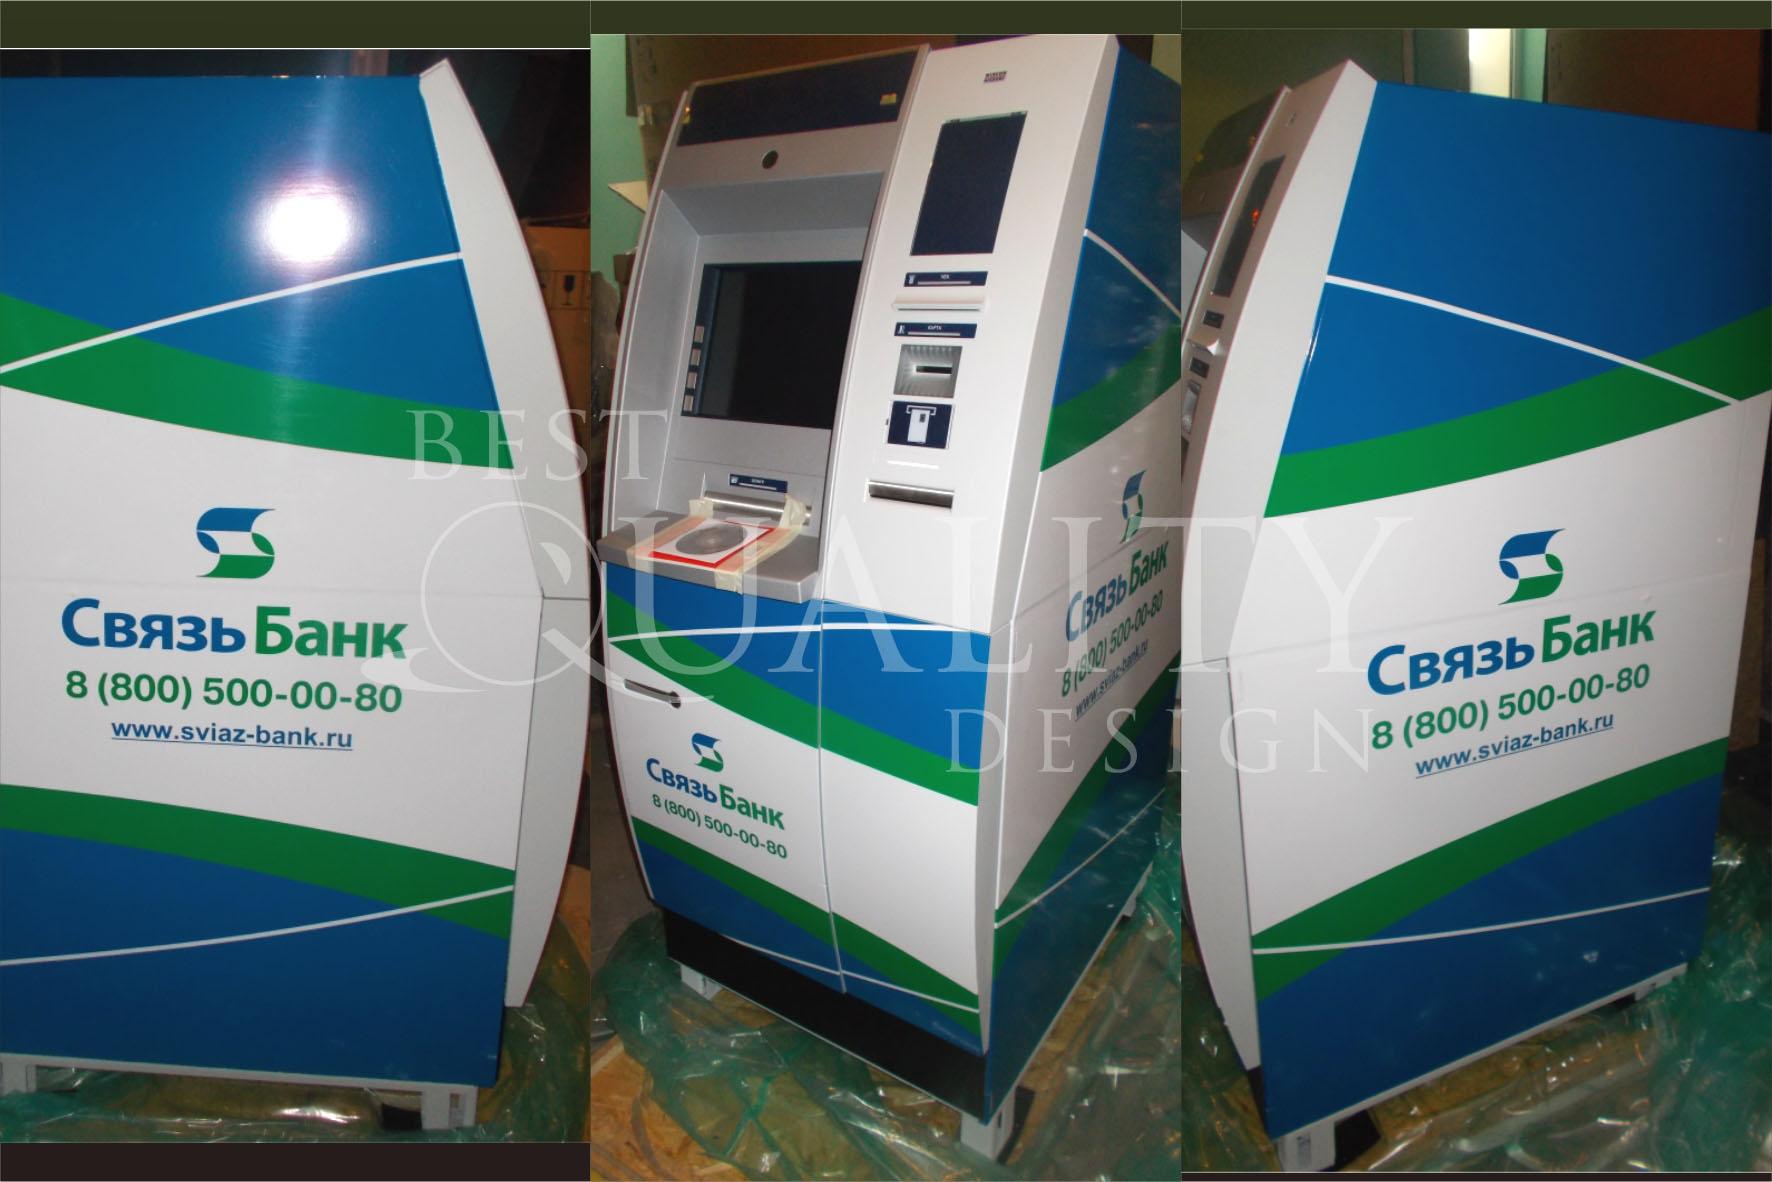 Брендирование банкоматов Связь Банка